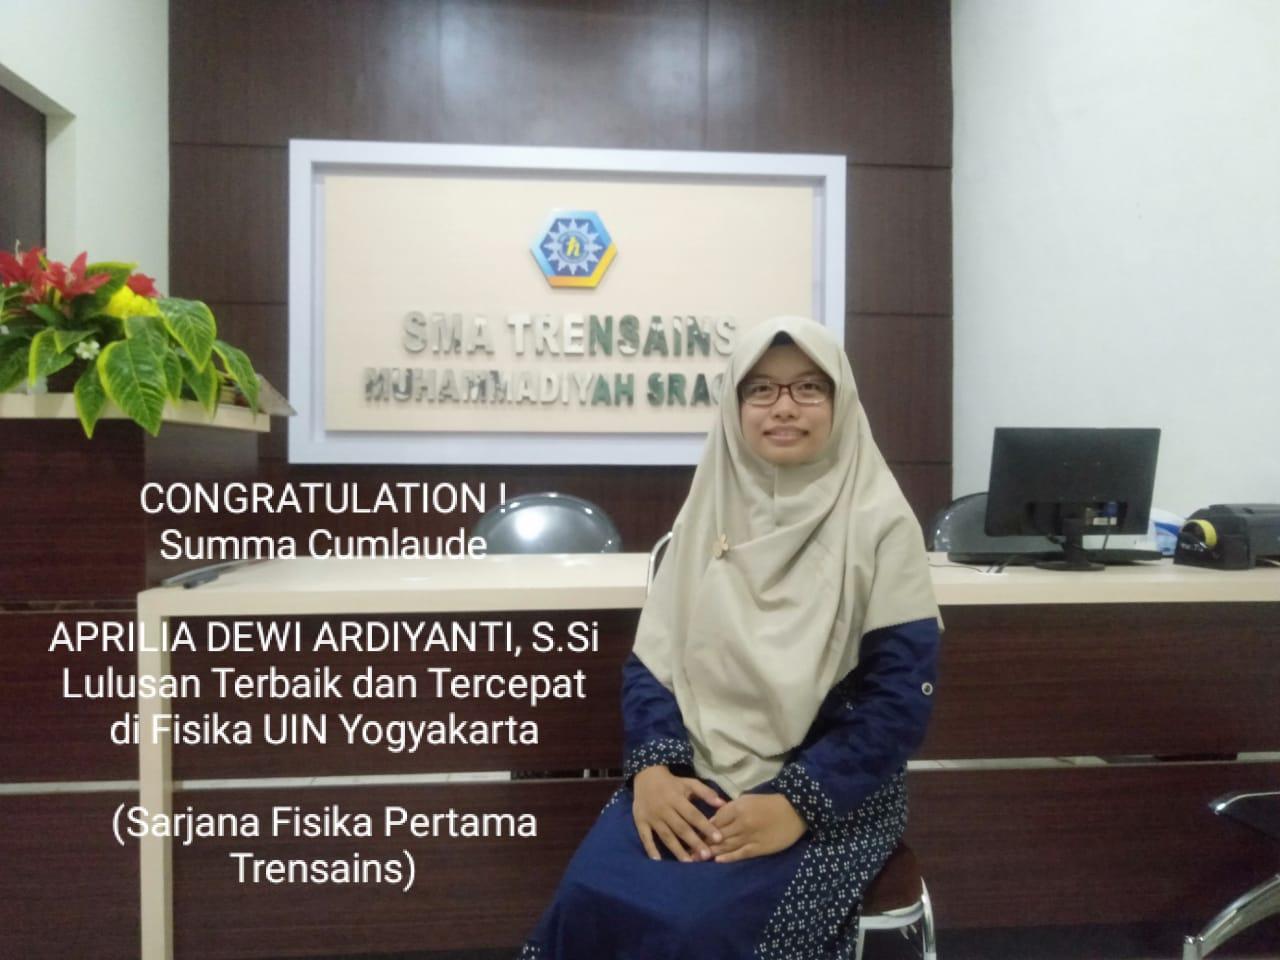 Aprilia Dewi Ardiyanti, S.Si, berpose di salahsatu sudut ruang sekolah almamaternya SMA Trensains Sragen. April baru saja menjadi Sarjana Fisika dengan predikat Summa Cumlaude. Menjadi lulusan terbaik dan Tercepat Fisika UIN Yogyakrta.